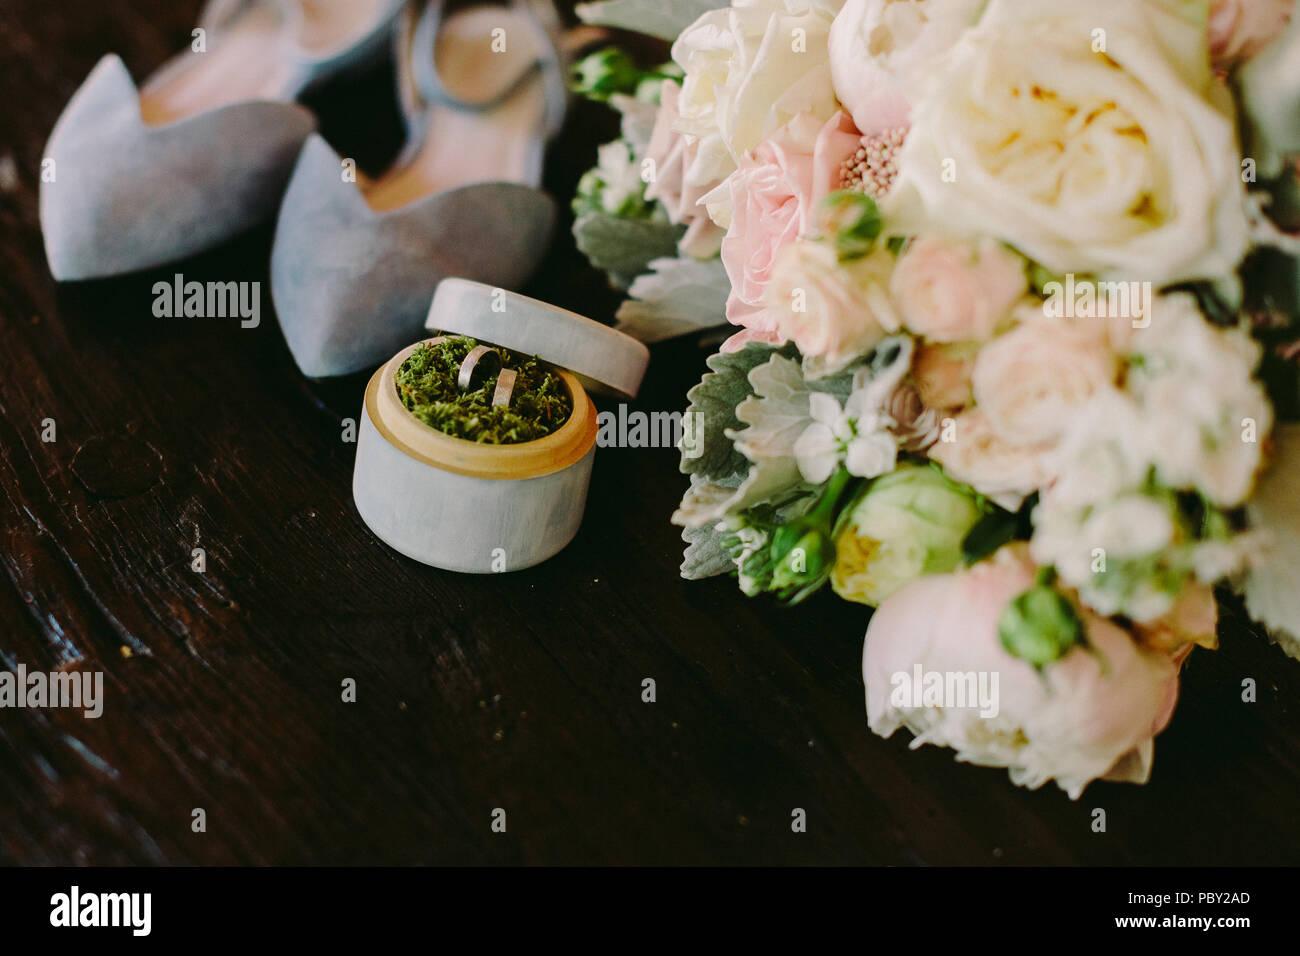 Hochzeit Blumenstrauss Und Ringe Layflat In Der Bildenden Kunst Stil